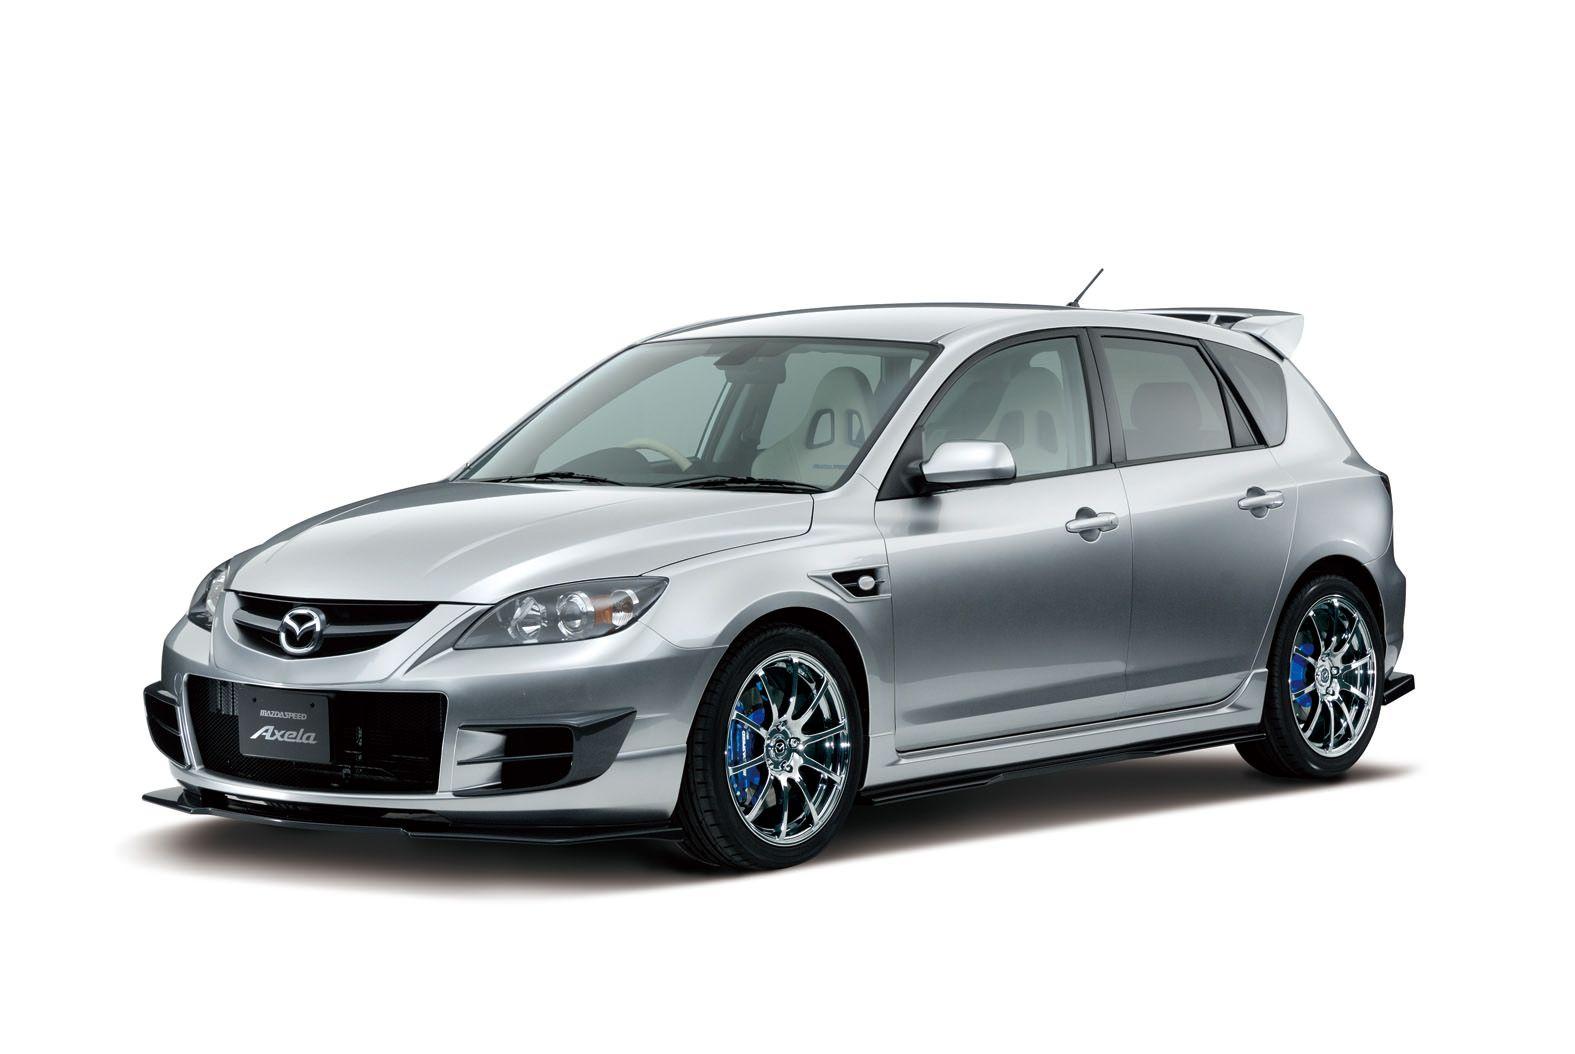 Mazdaspeed Axela concept. 2007.